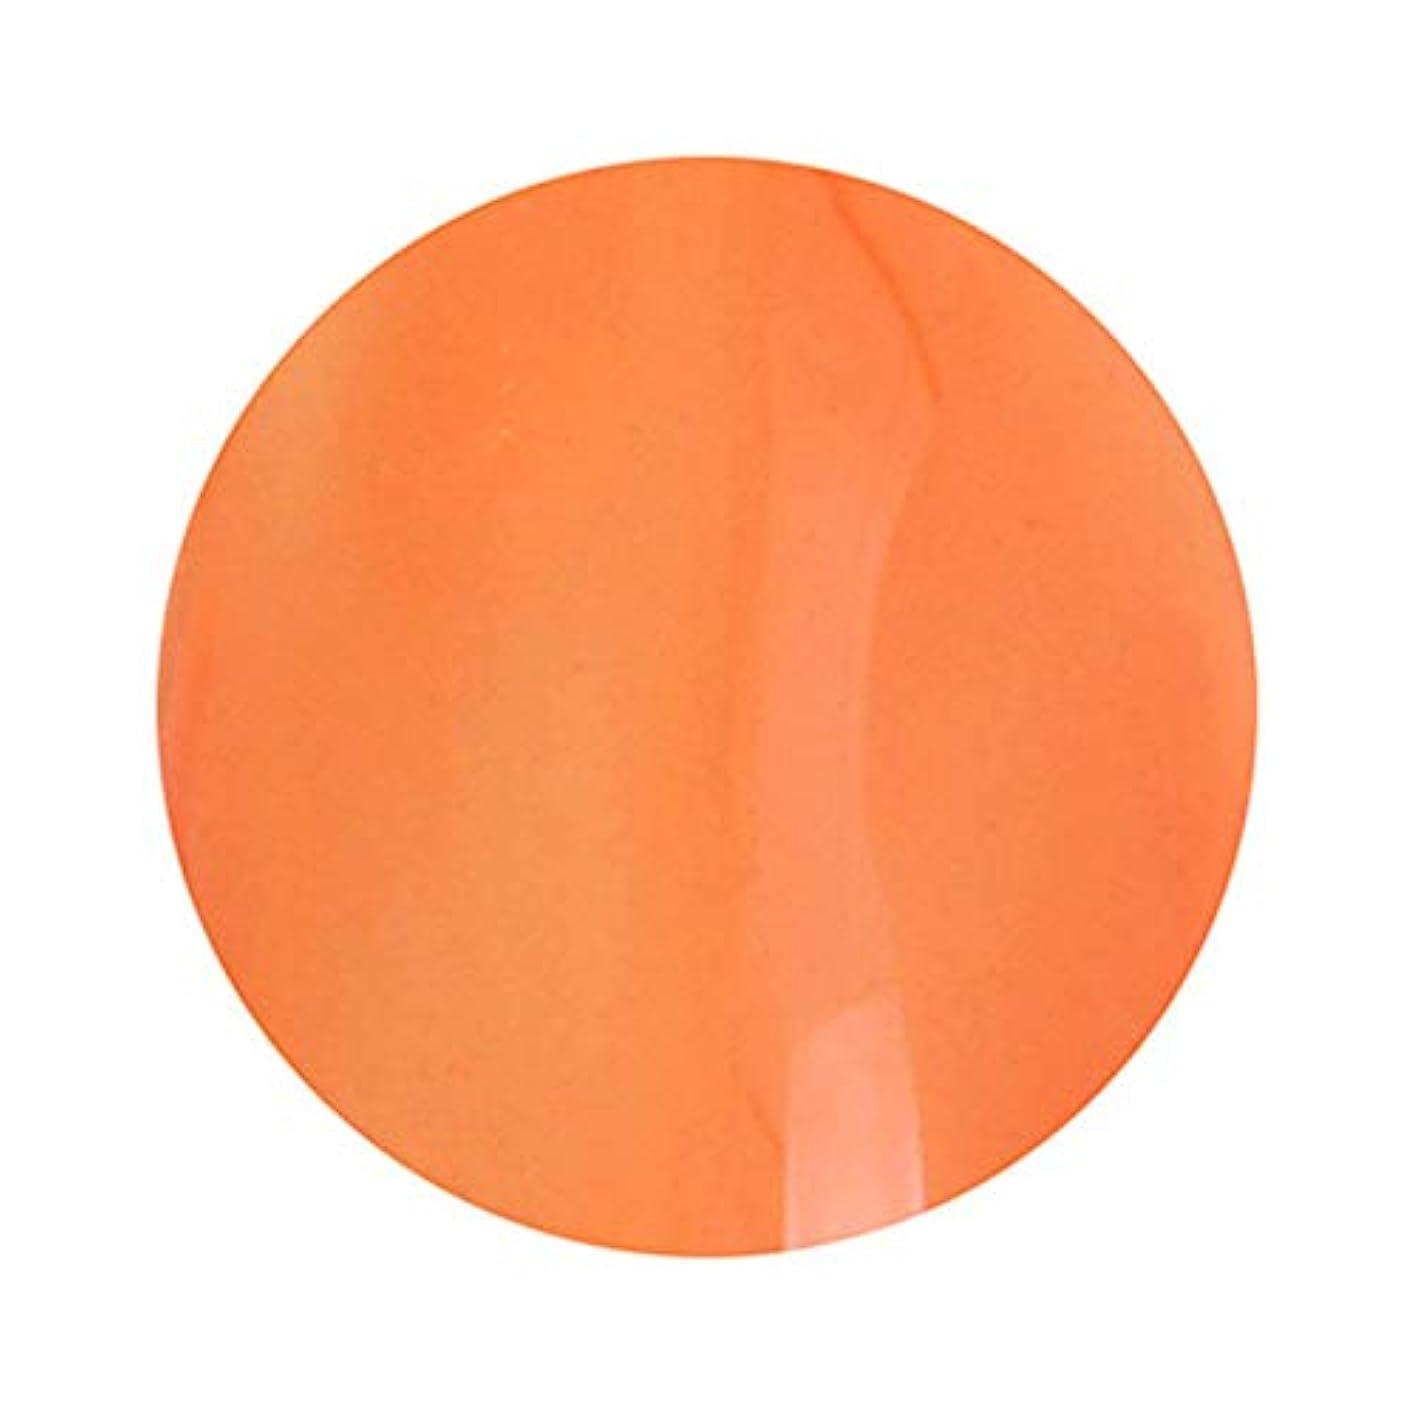 エピソード甘やかす純粋にT-GEL COLLECTION ティージェルコレクション カラージェル D235 クリアダークオレンジ 4ml